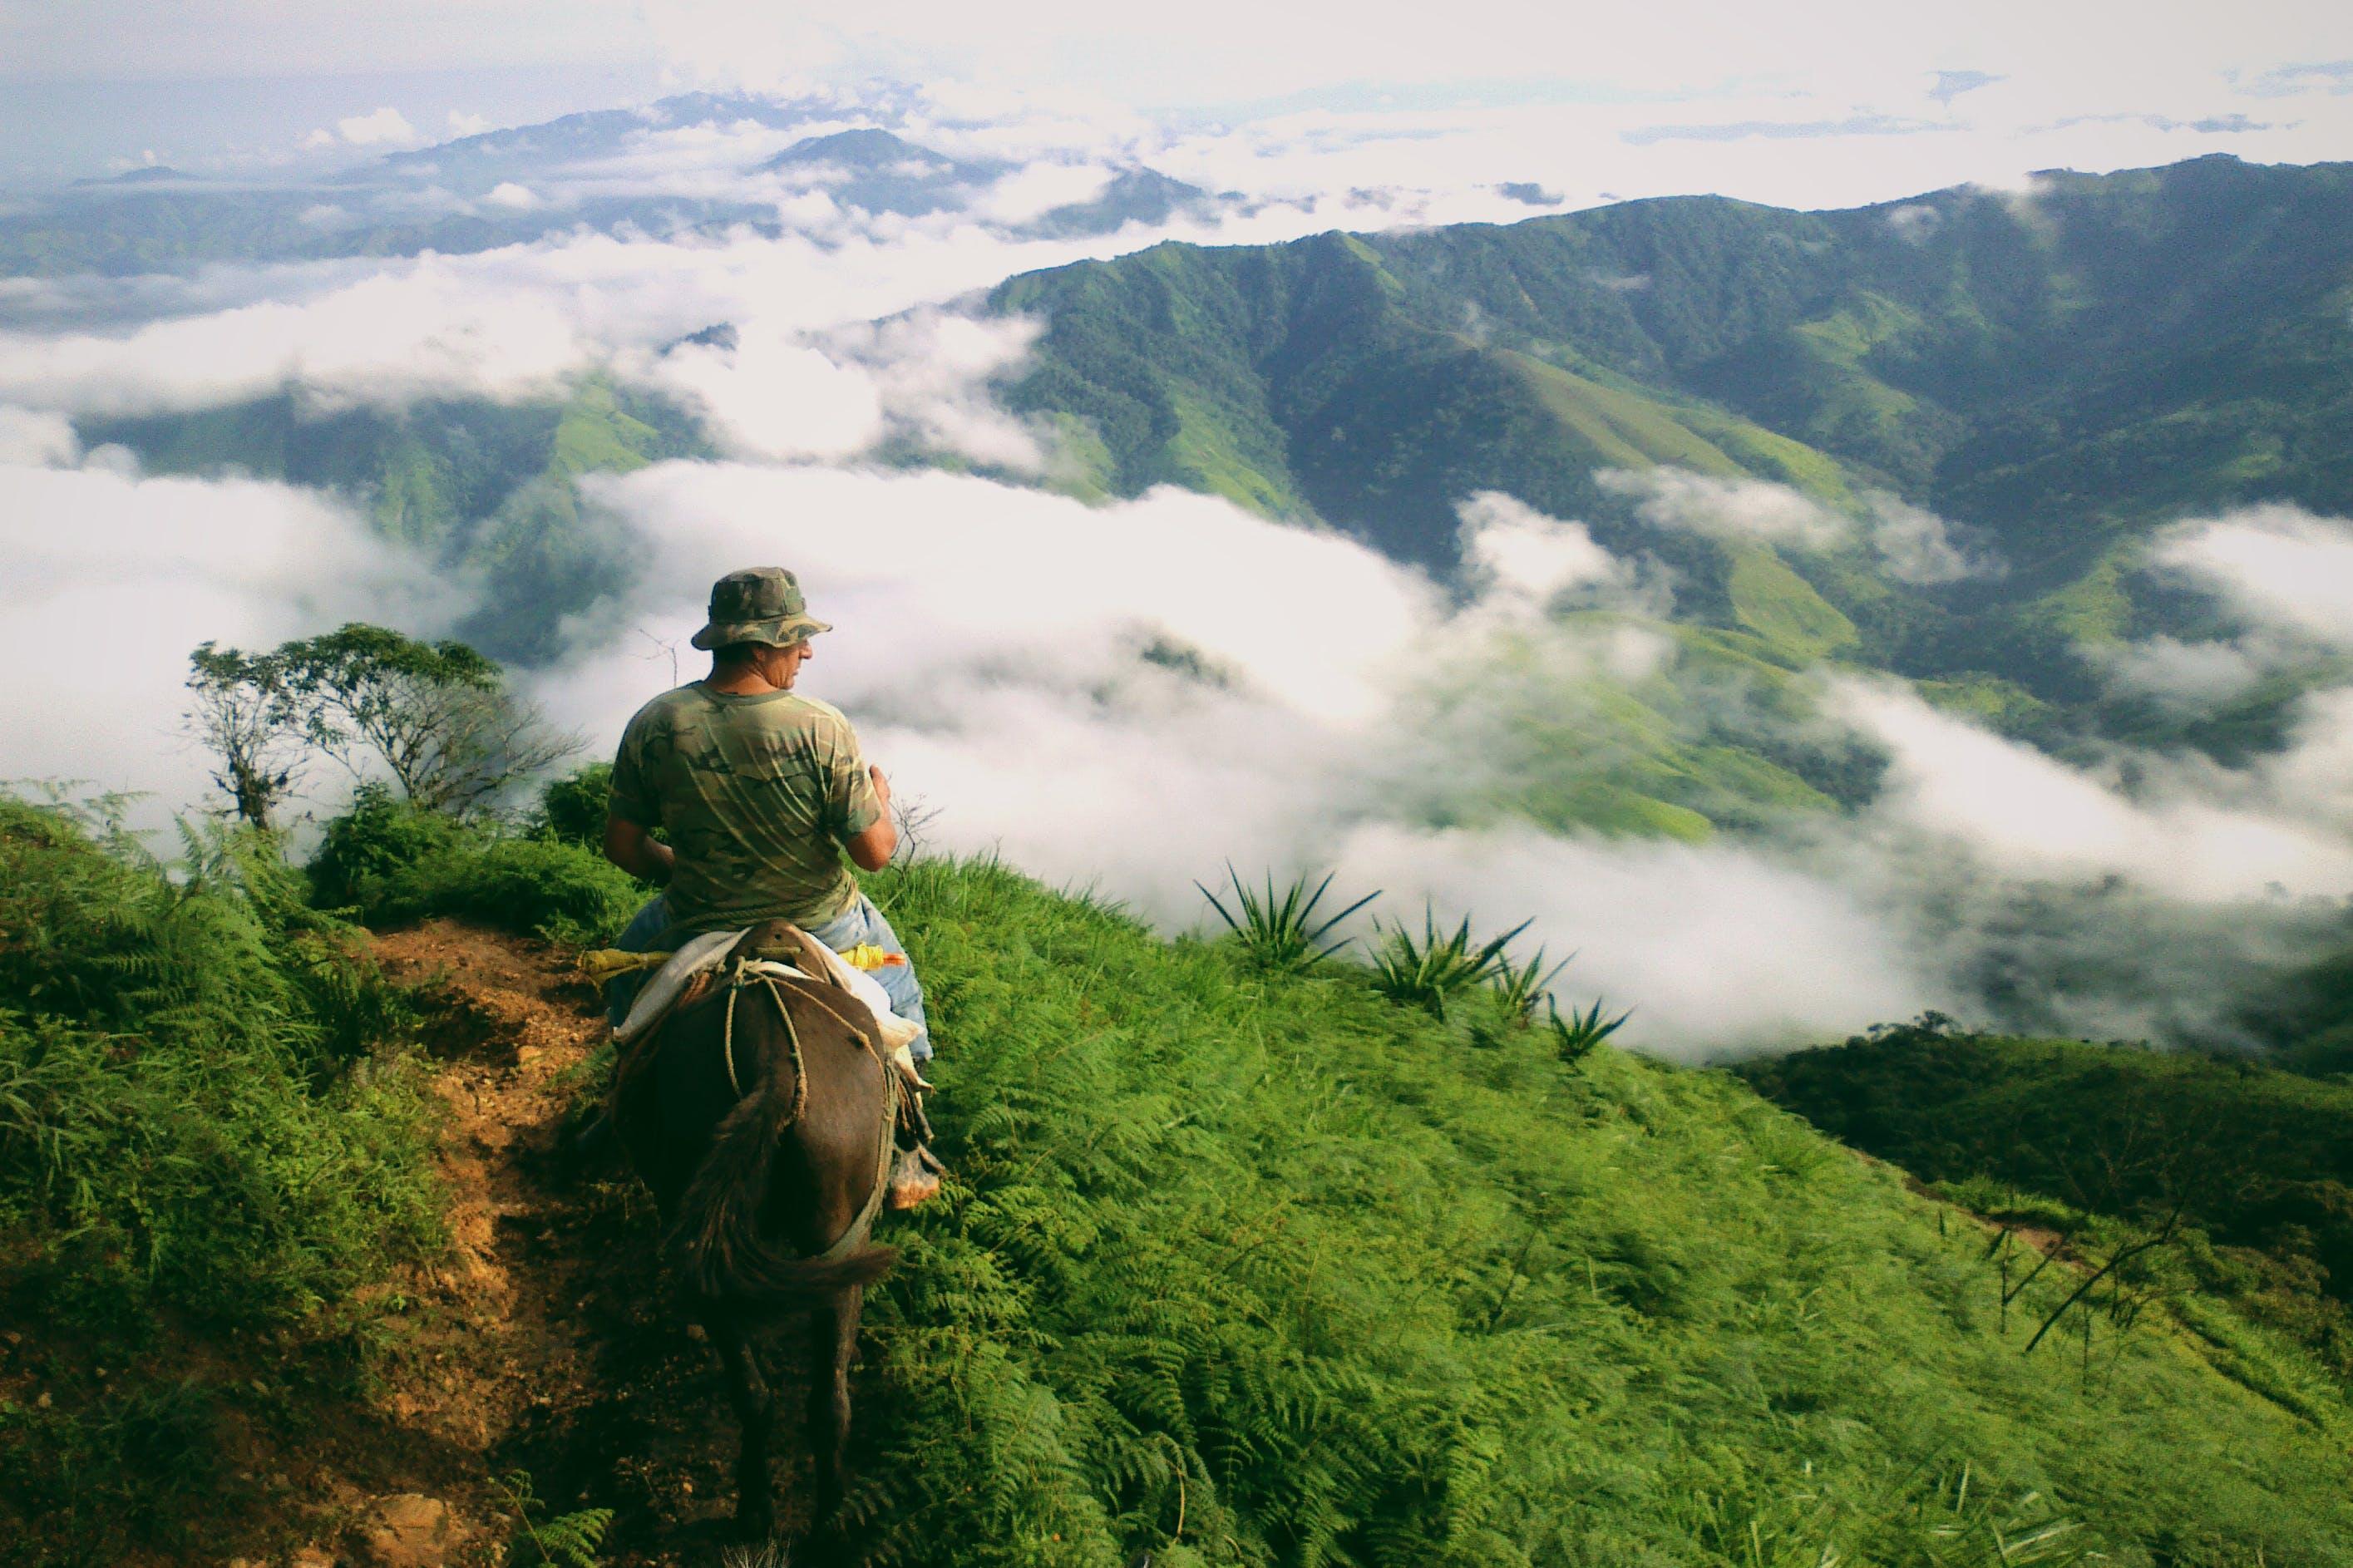 Δωρεάν στοκ φωτογραφιών με άλογο, αναψυχή, άνθρωπος, βουνό